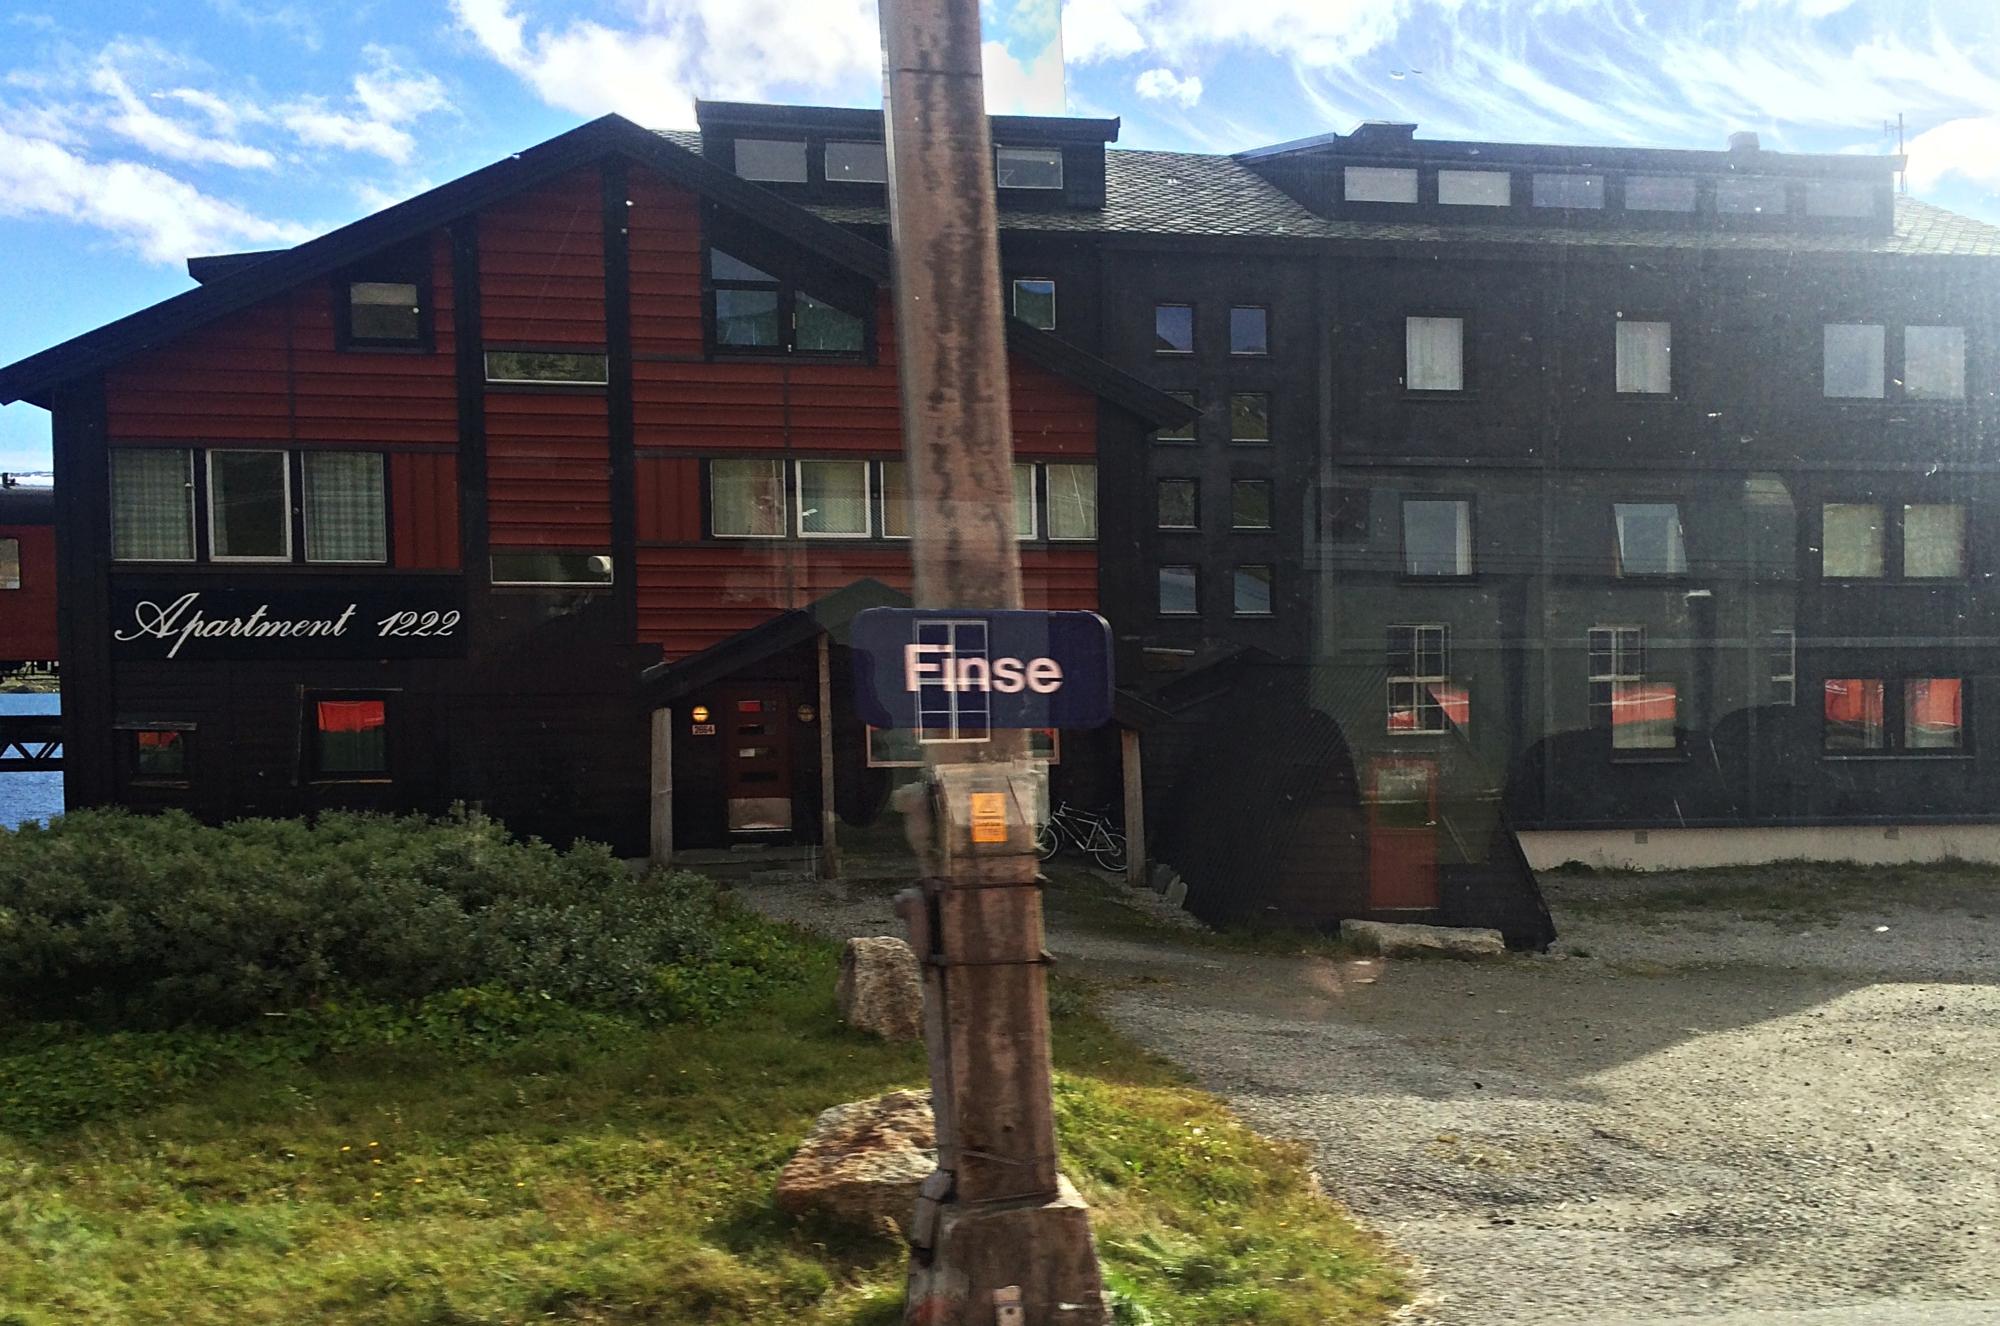 Finse Apartment 1222